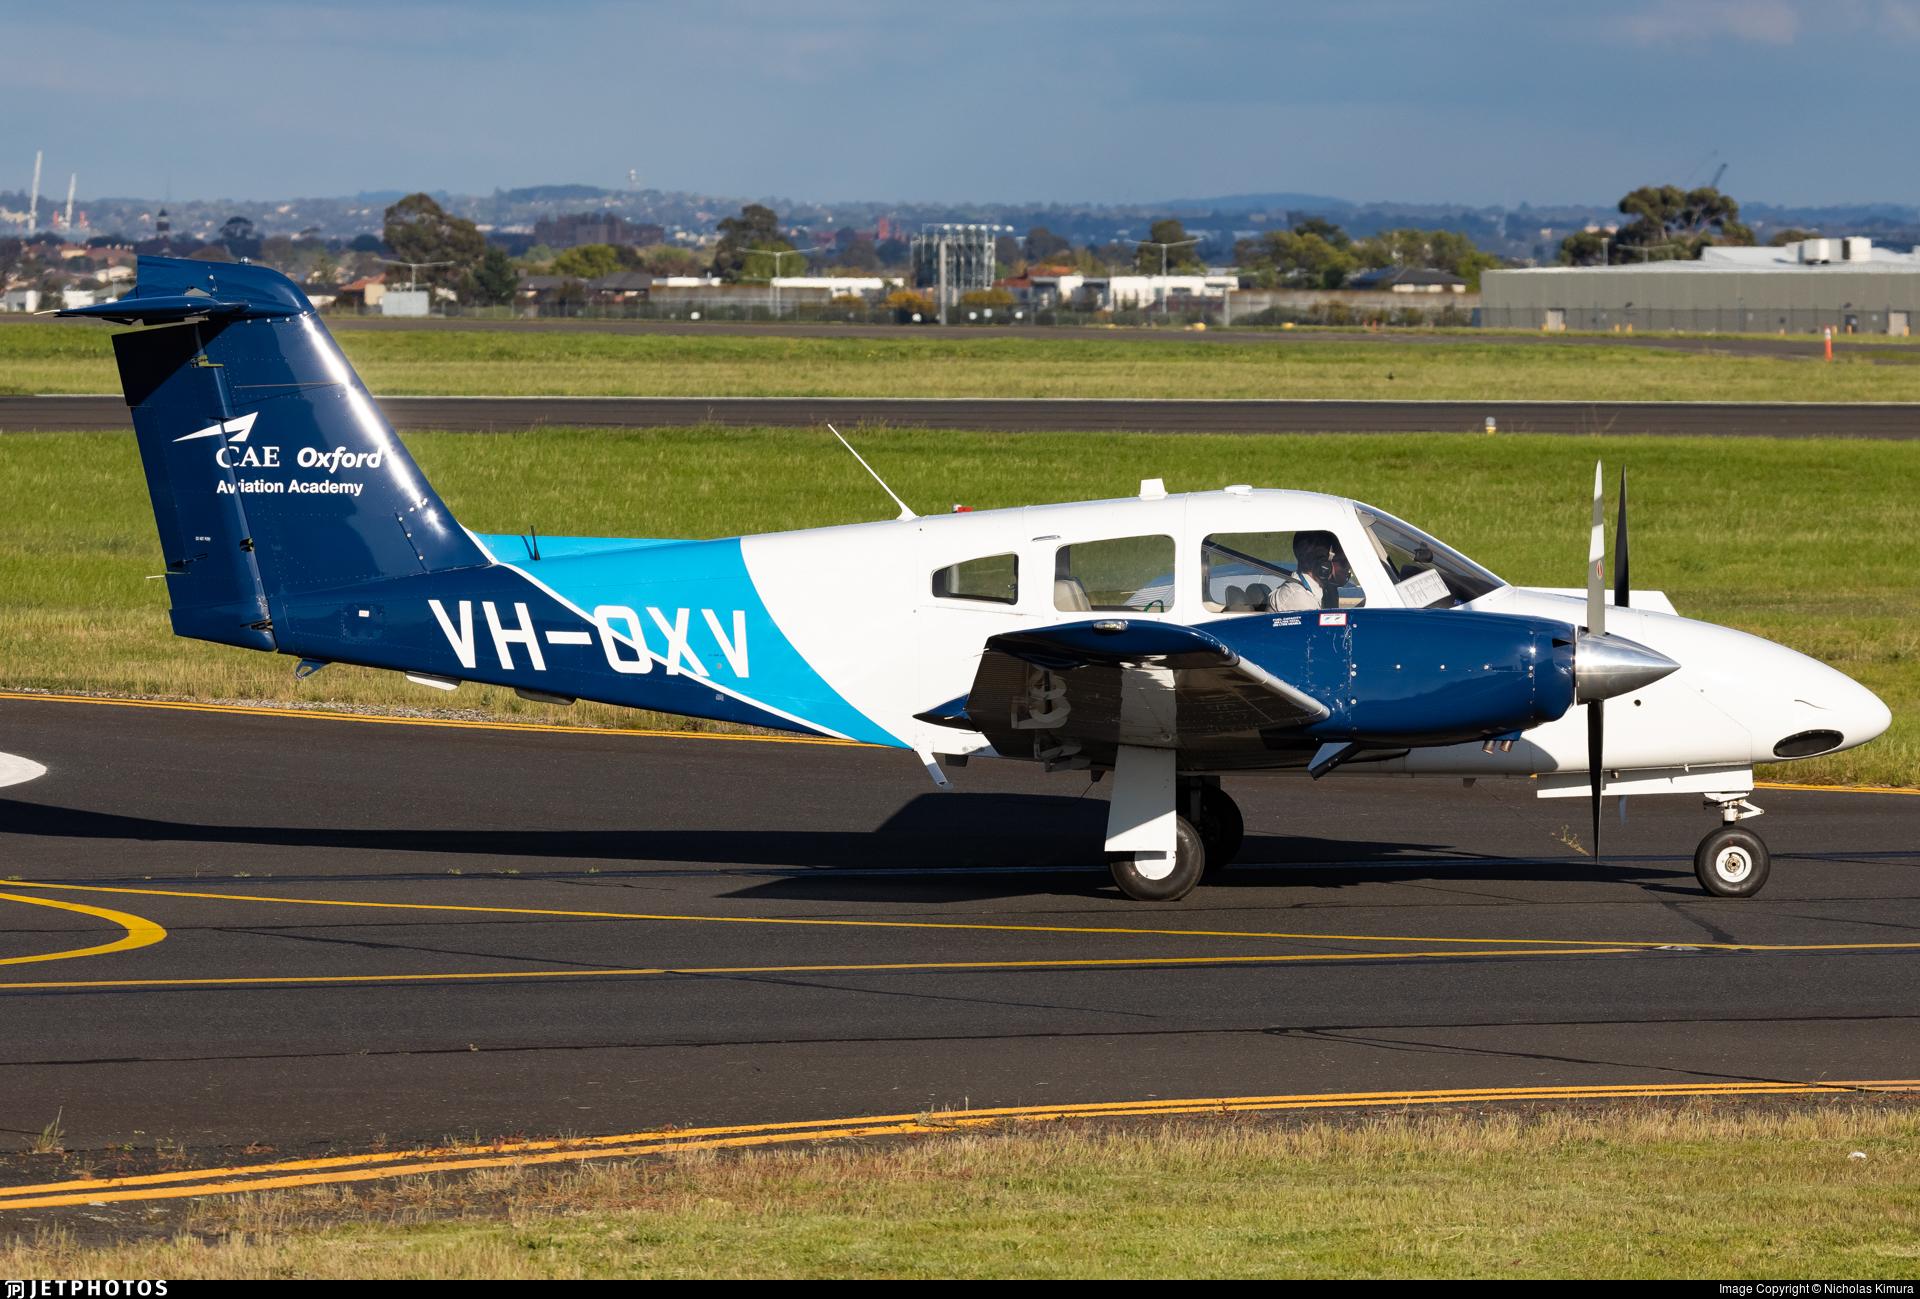 VH-OXV - Piper PA-44-180 Seminole - CAE Oxford Aviation Academy